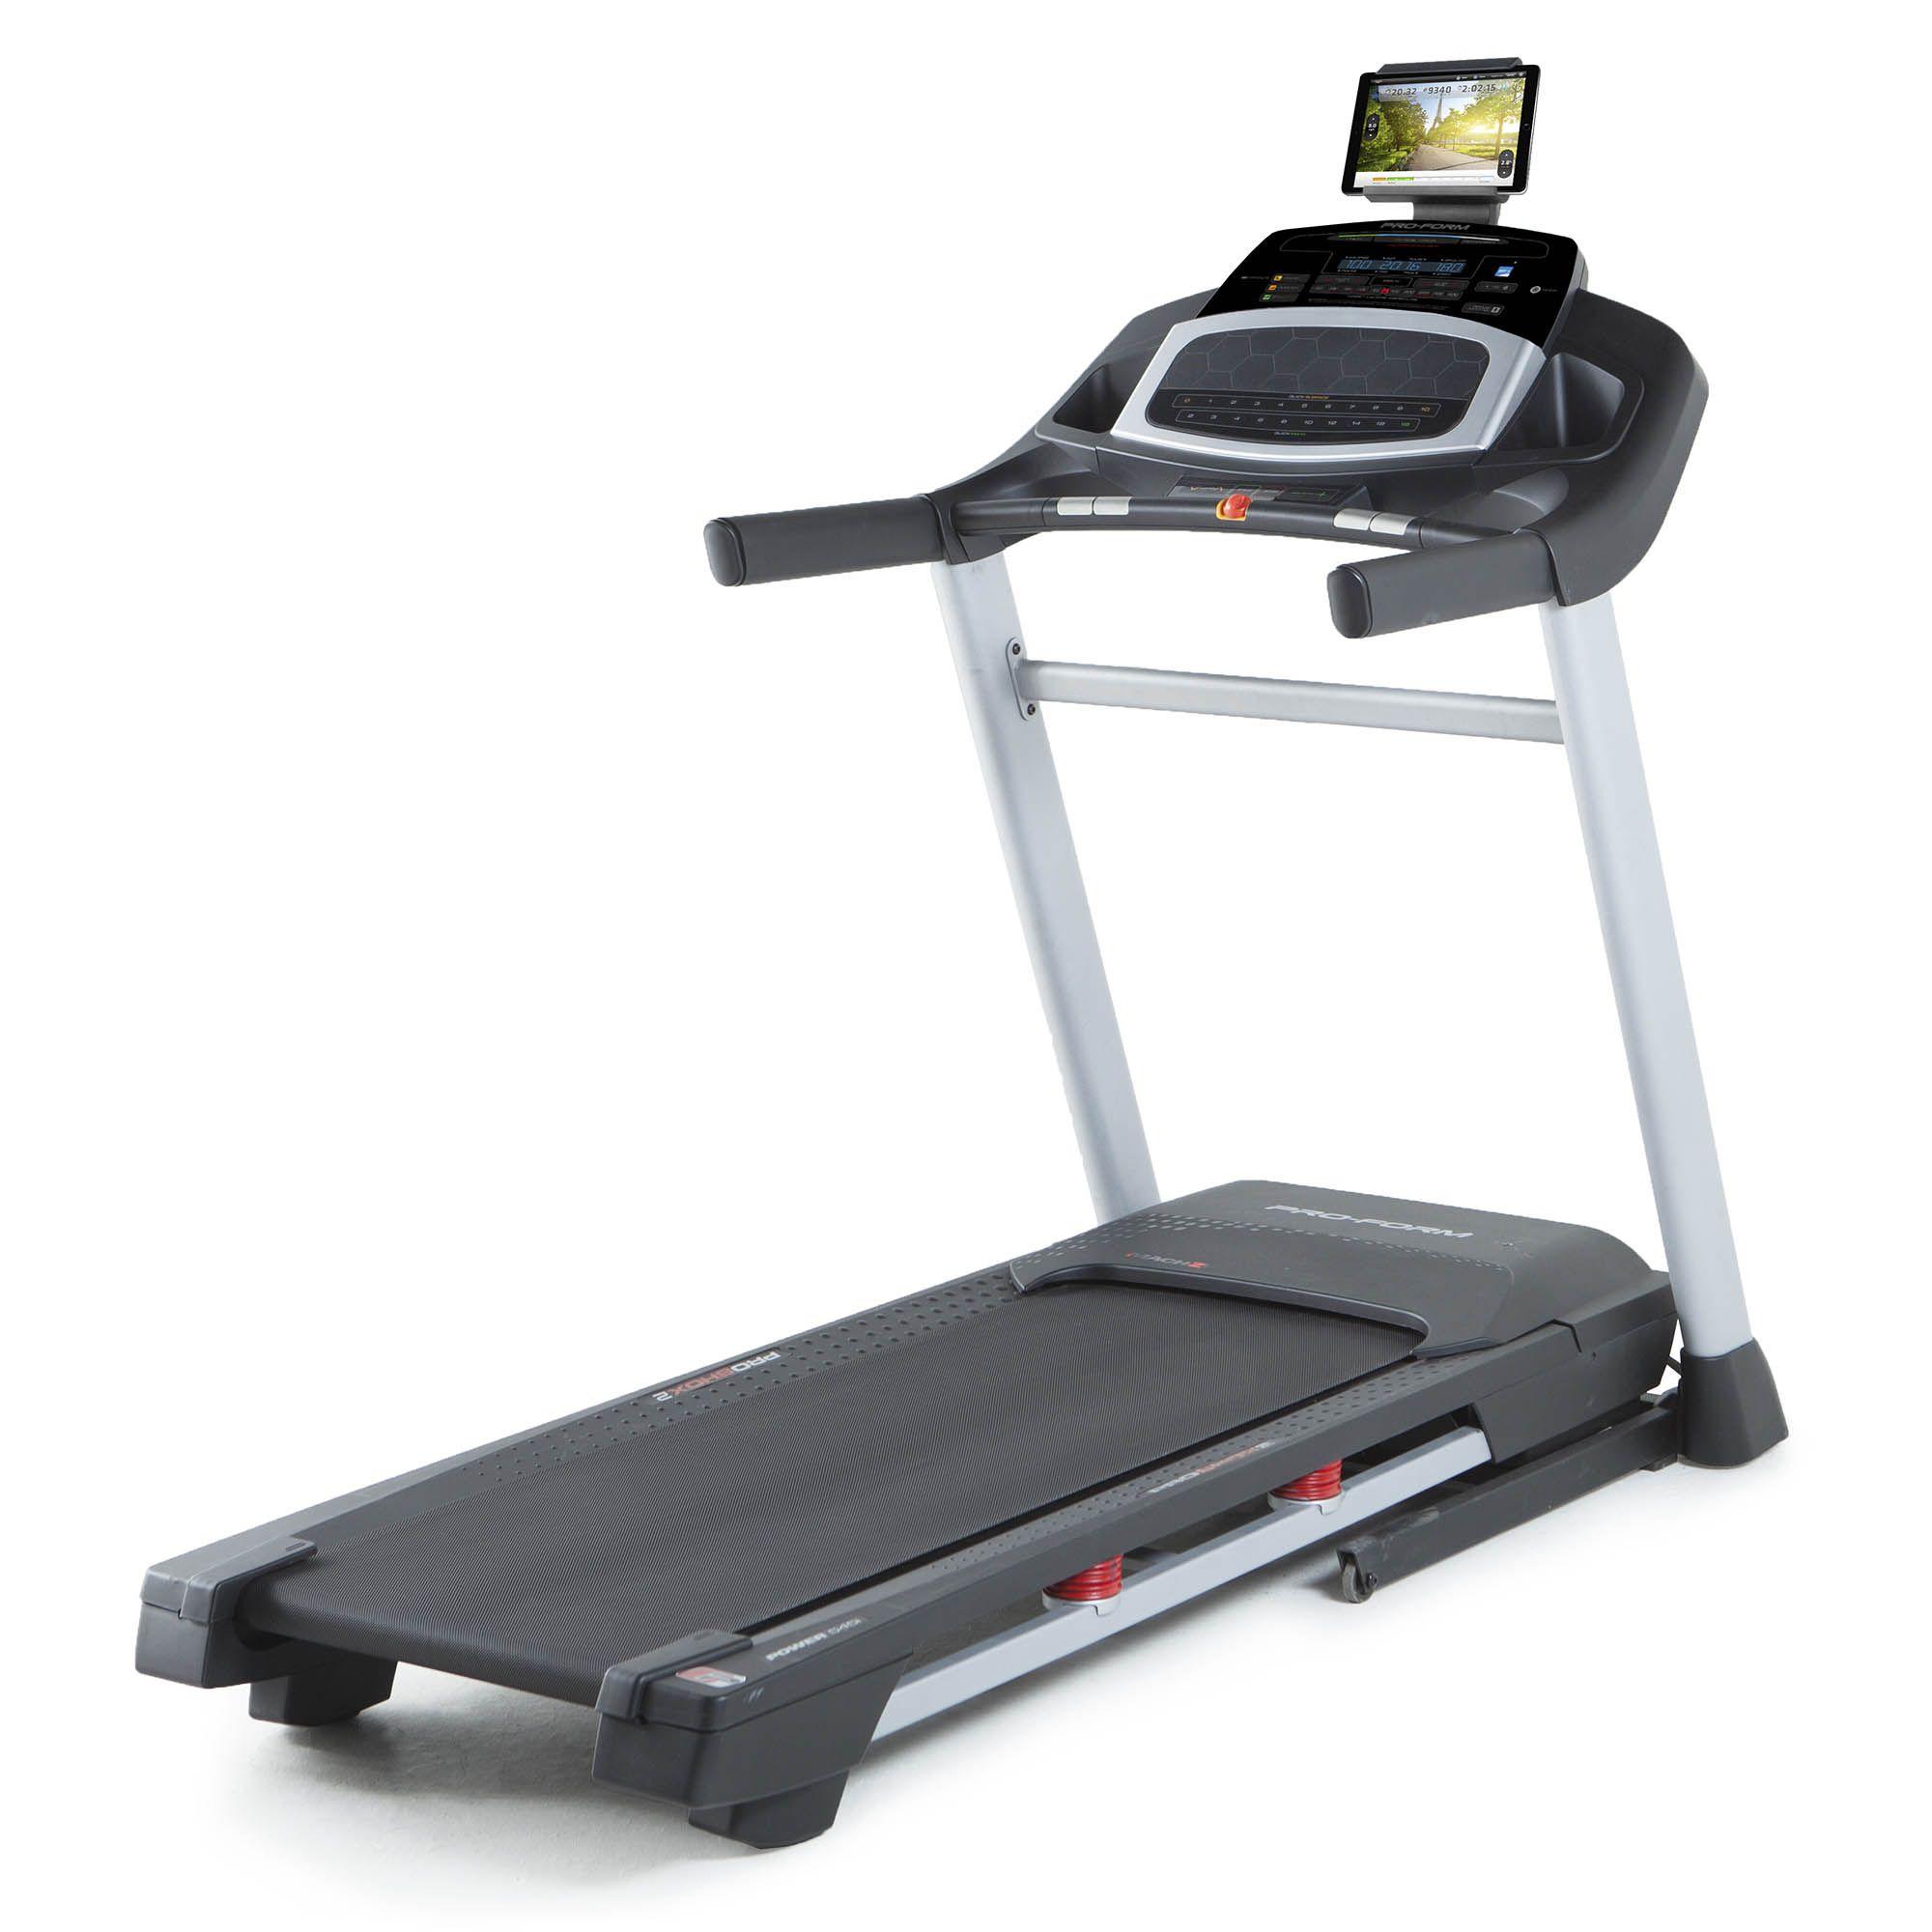 Proform Power 545i Treadmill